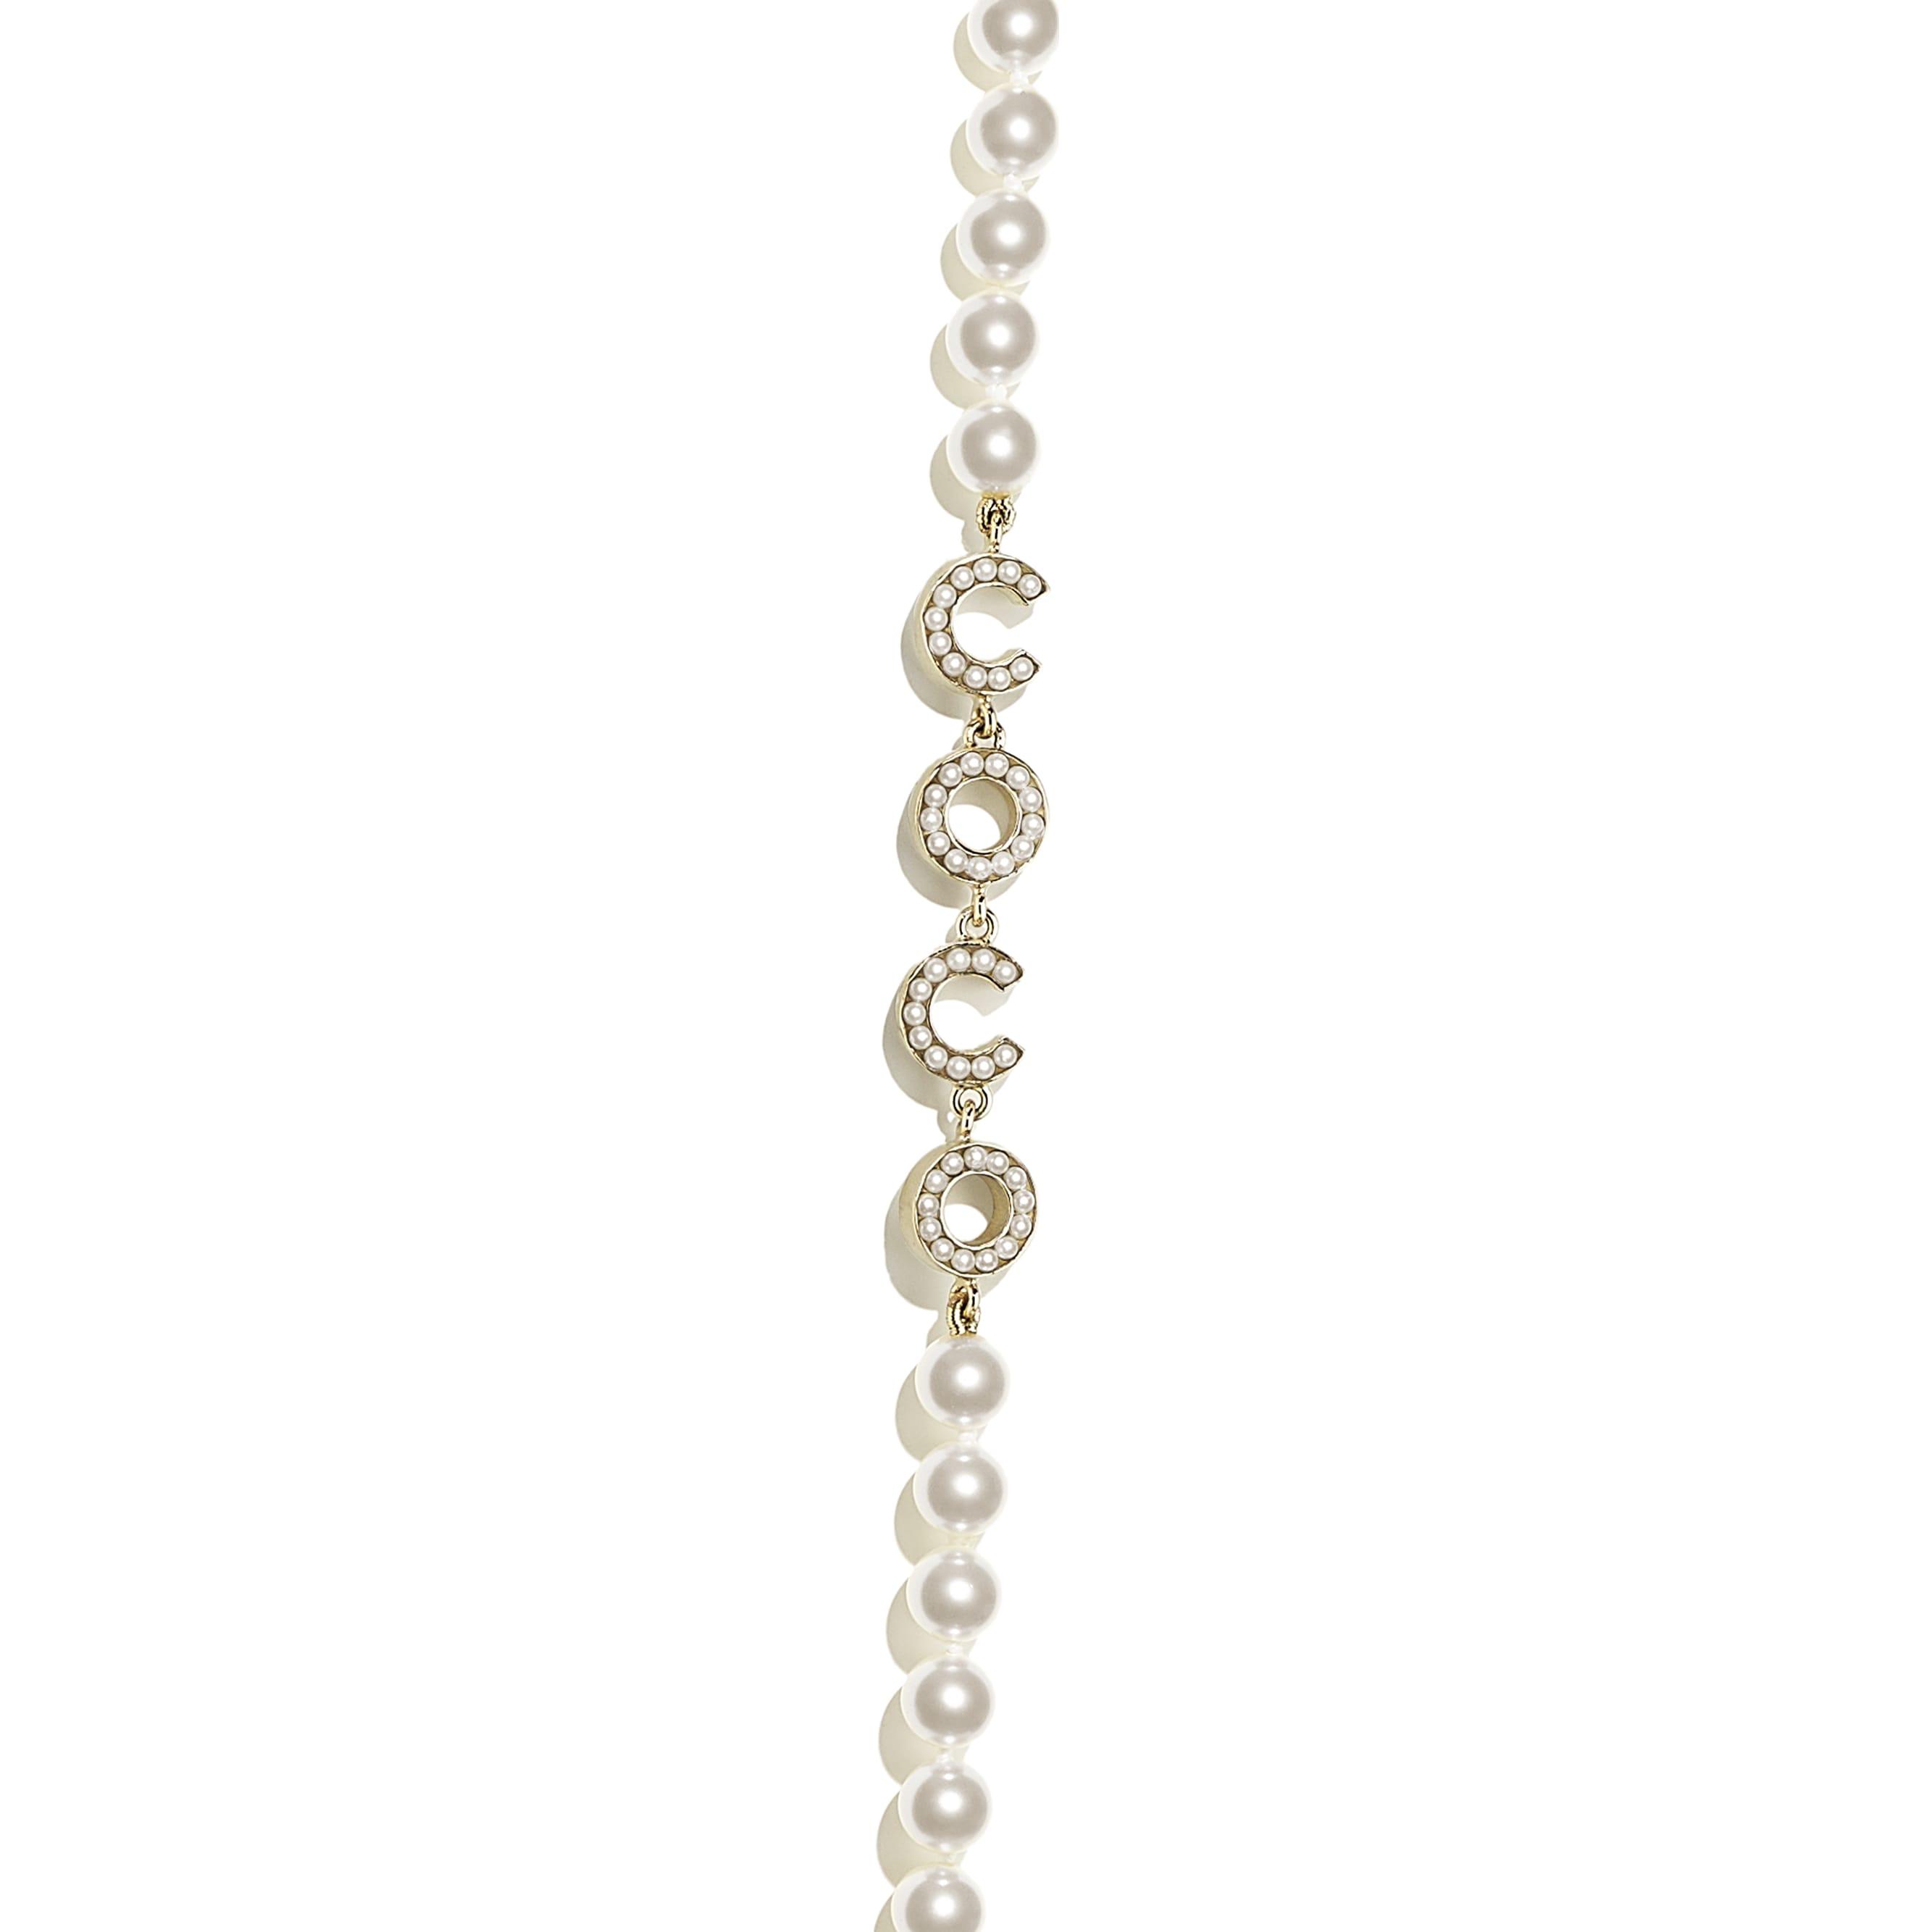 Sautoir - Doré & blanc nacré - Métal & perles de verre - CHANEL - Autre vue - voir la version taille standard